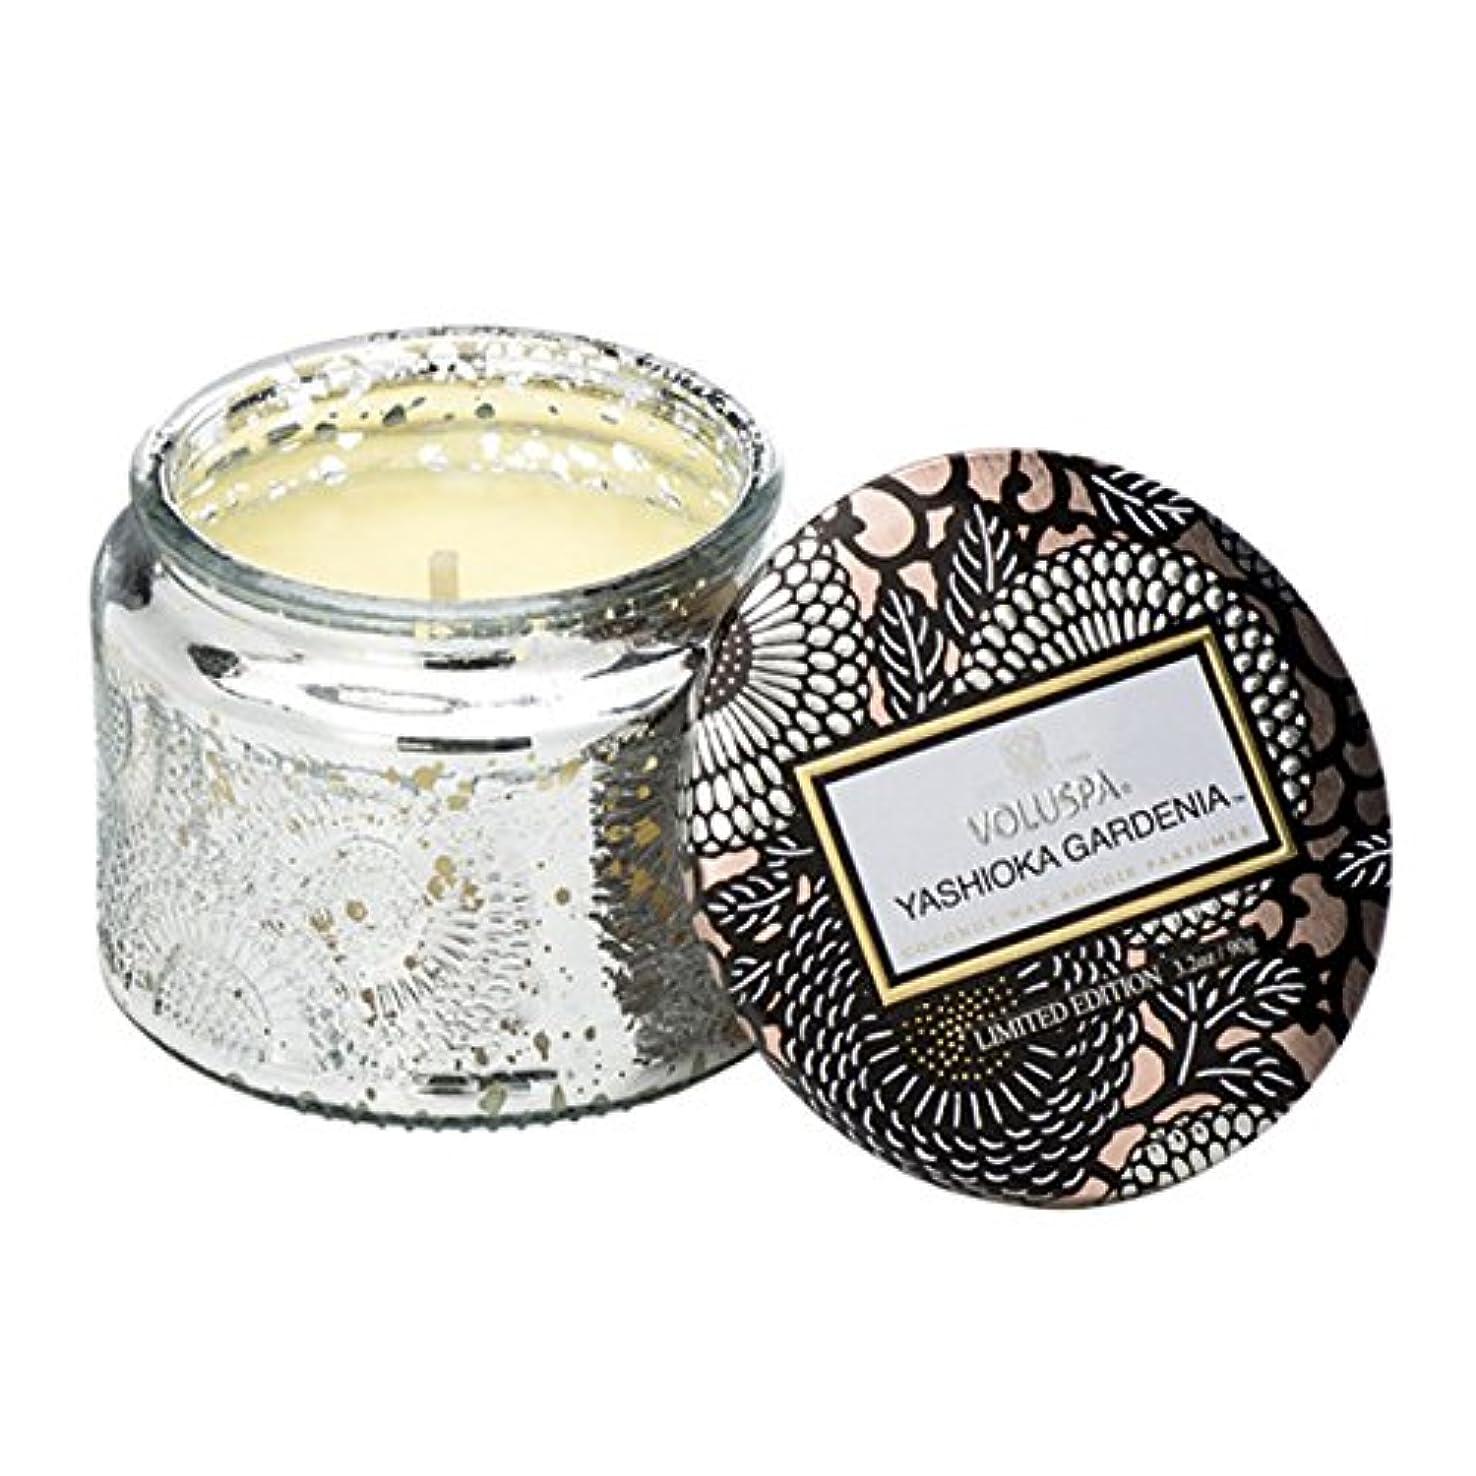 Voluspa ボルスパ ジャポニカ リミテッド グラスジャーキャンドル  S ヤシオカガーデニア YASHIOKA GARDENIA JAPONICA Limited PETITE EMBOSSED Glass jar candle